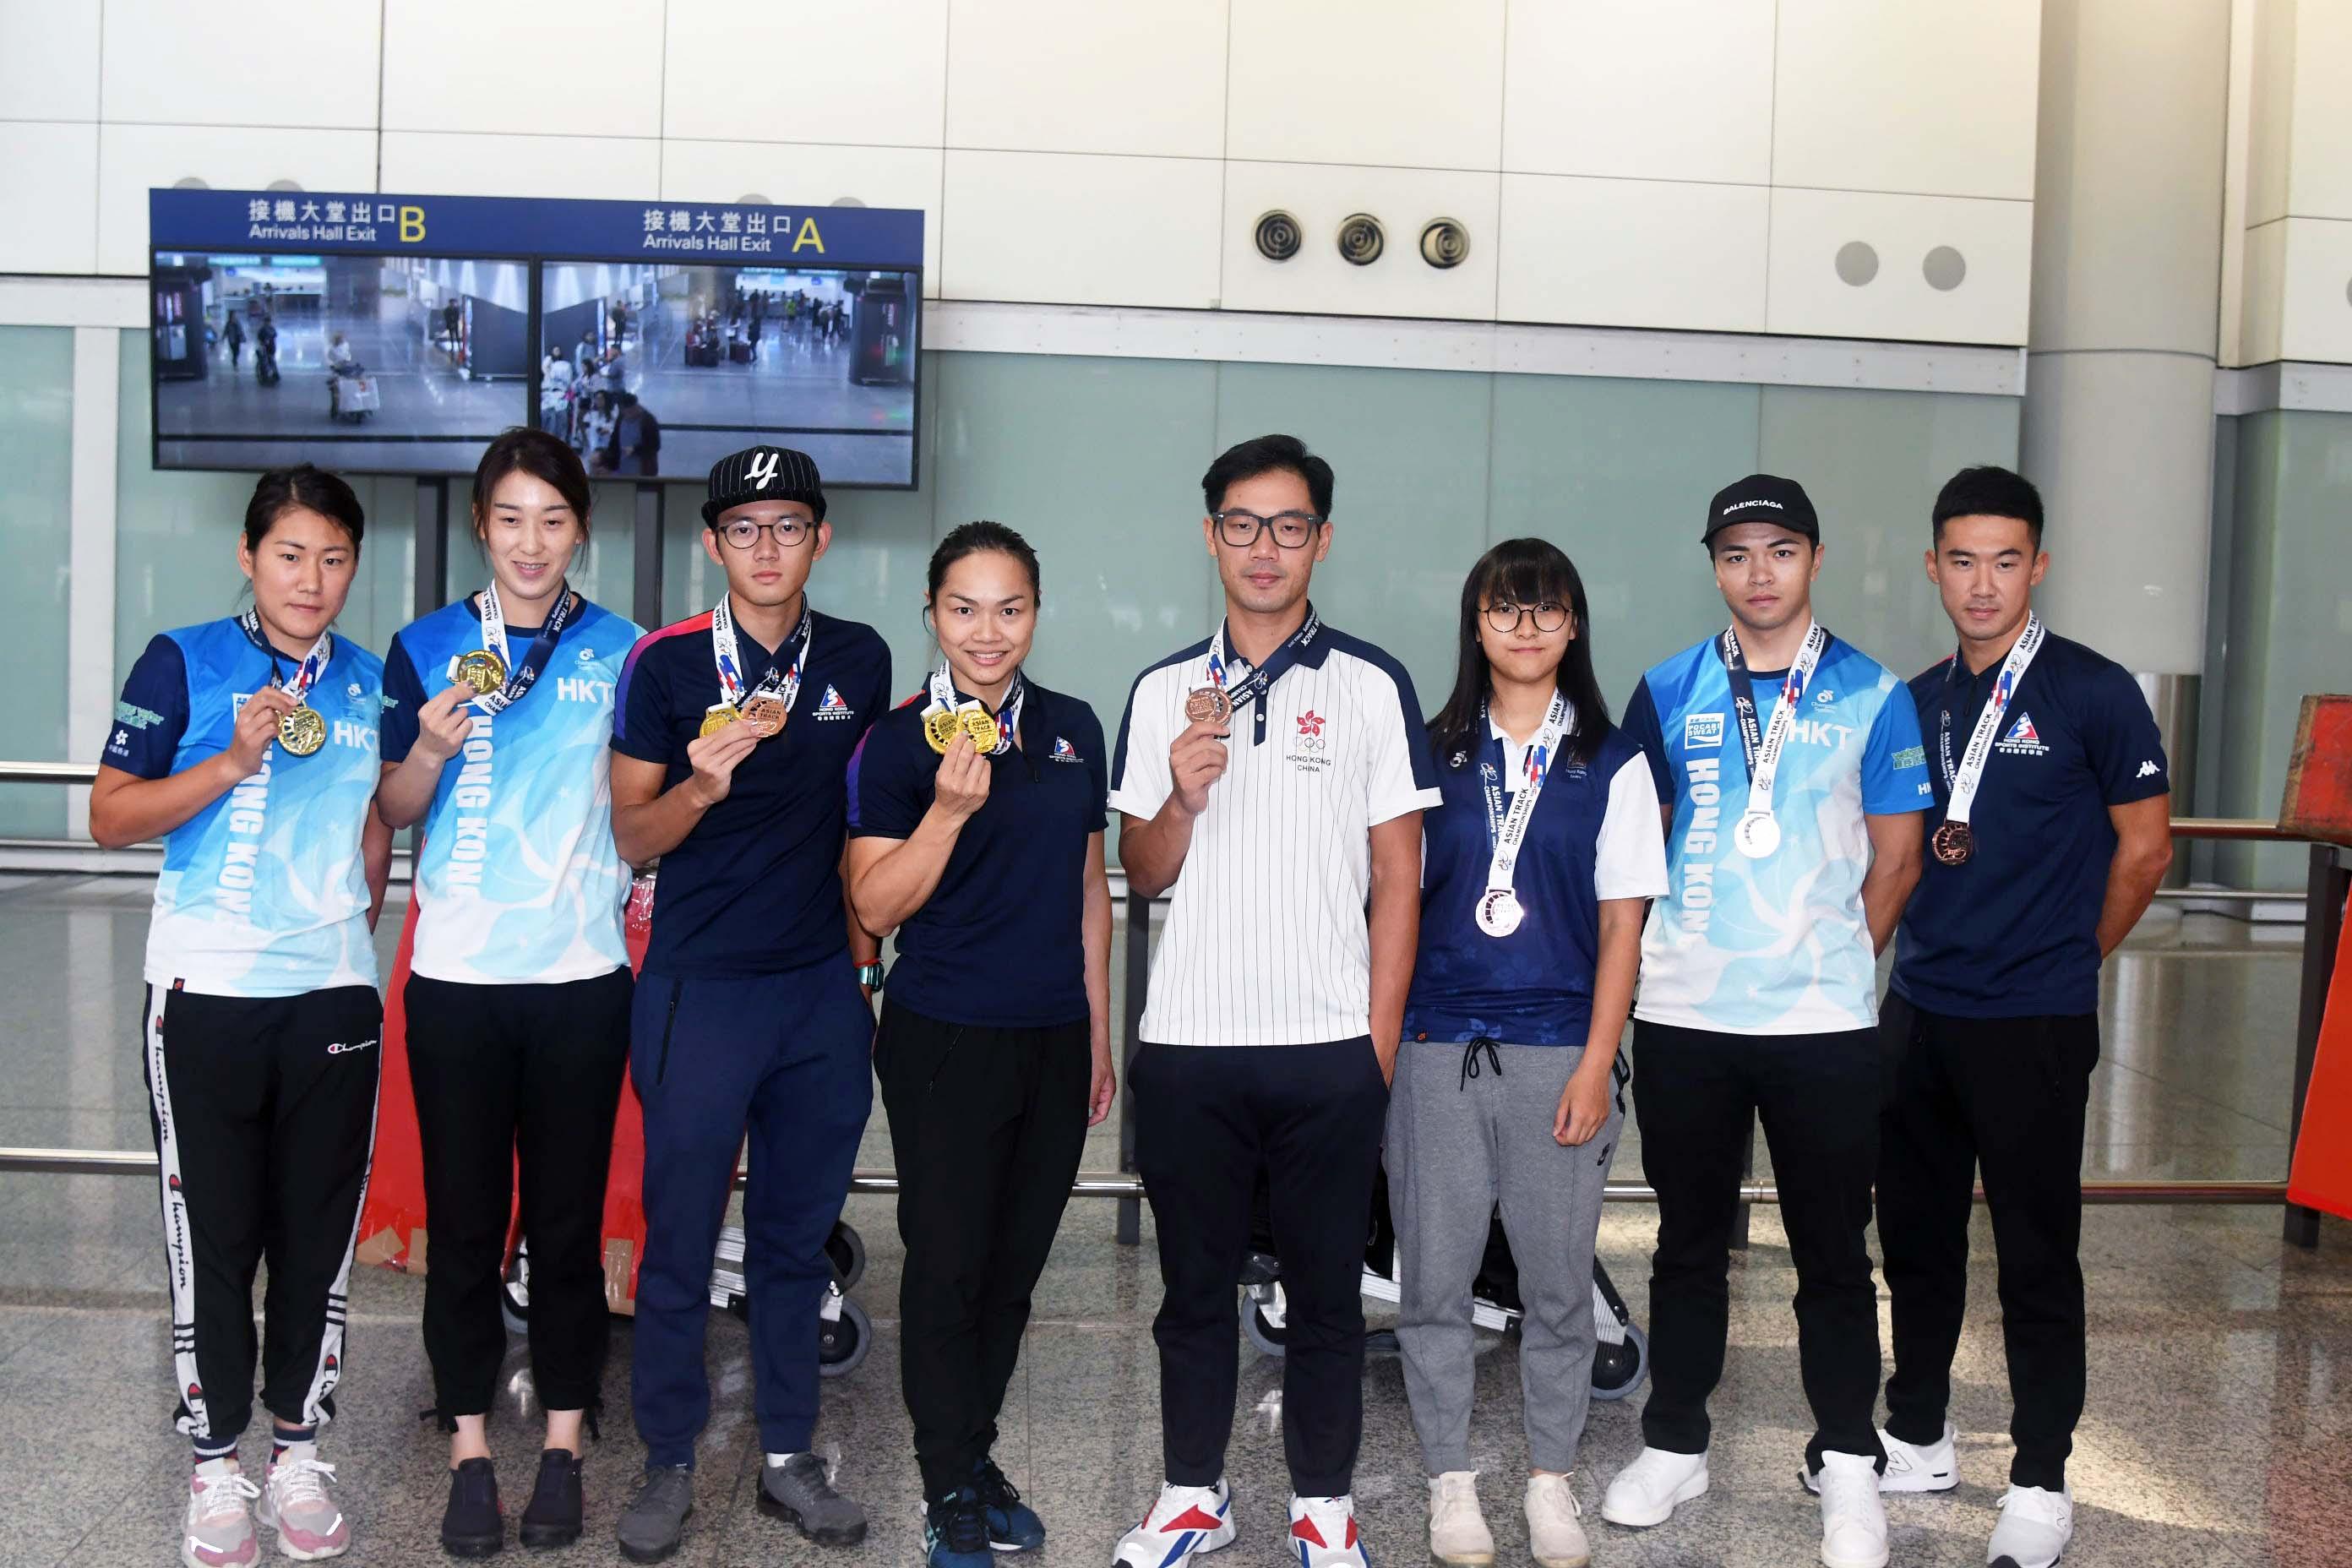 剛在亞洲場地單車錦標賽囊括四金一銀四銅的港隊,大軍今午從南韓凱旋。郭晉朗攝